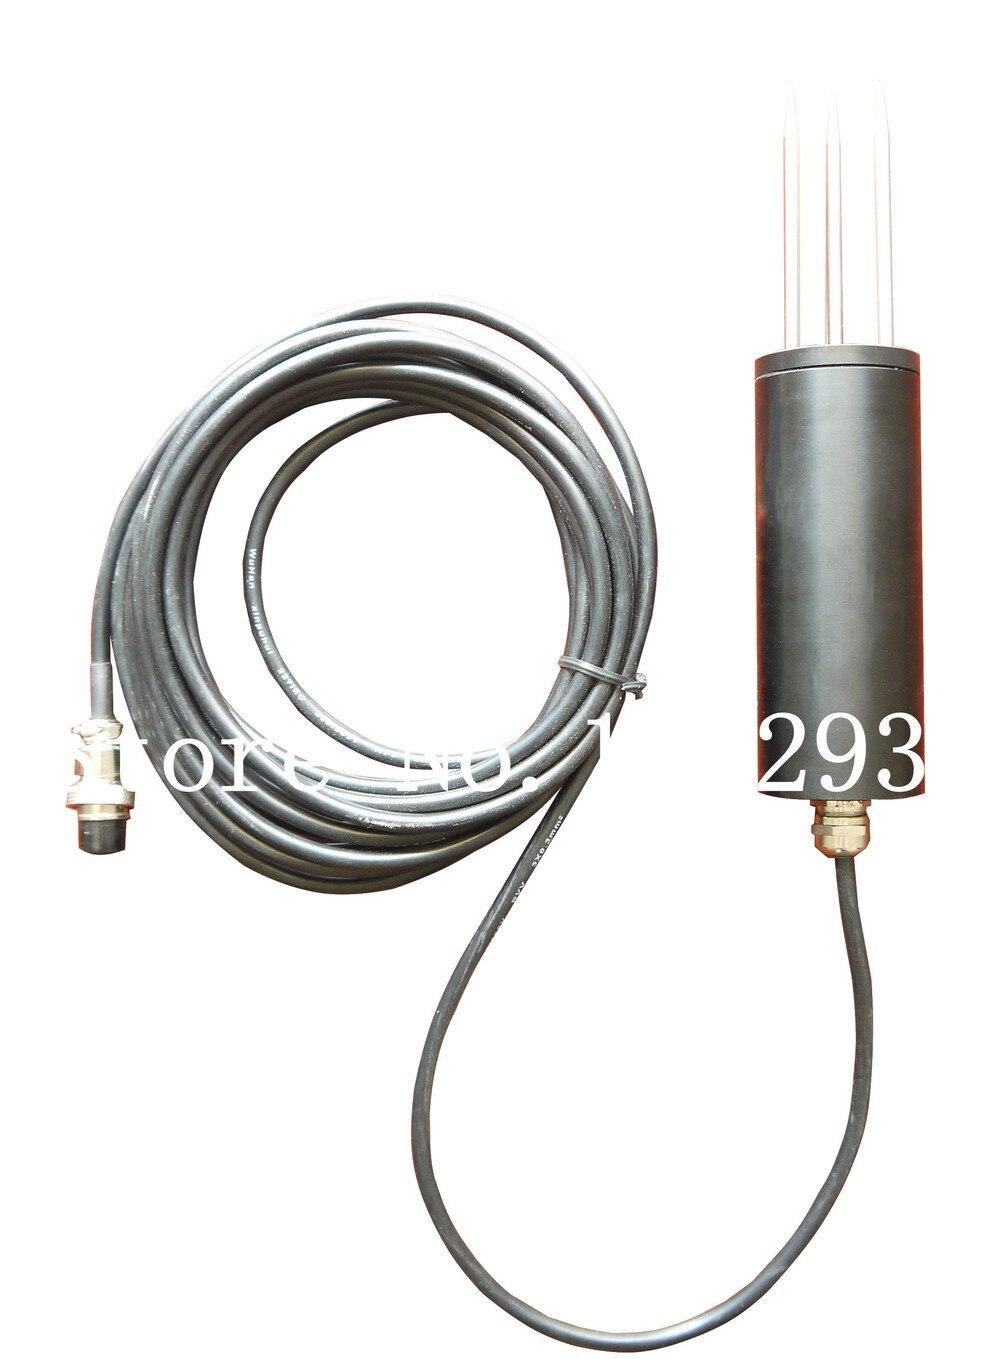 [Белла] датчик влажности почвы/влаги и влажность/влаги (RS232 сигнала) - 2